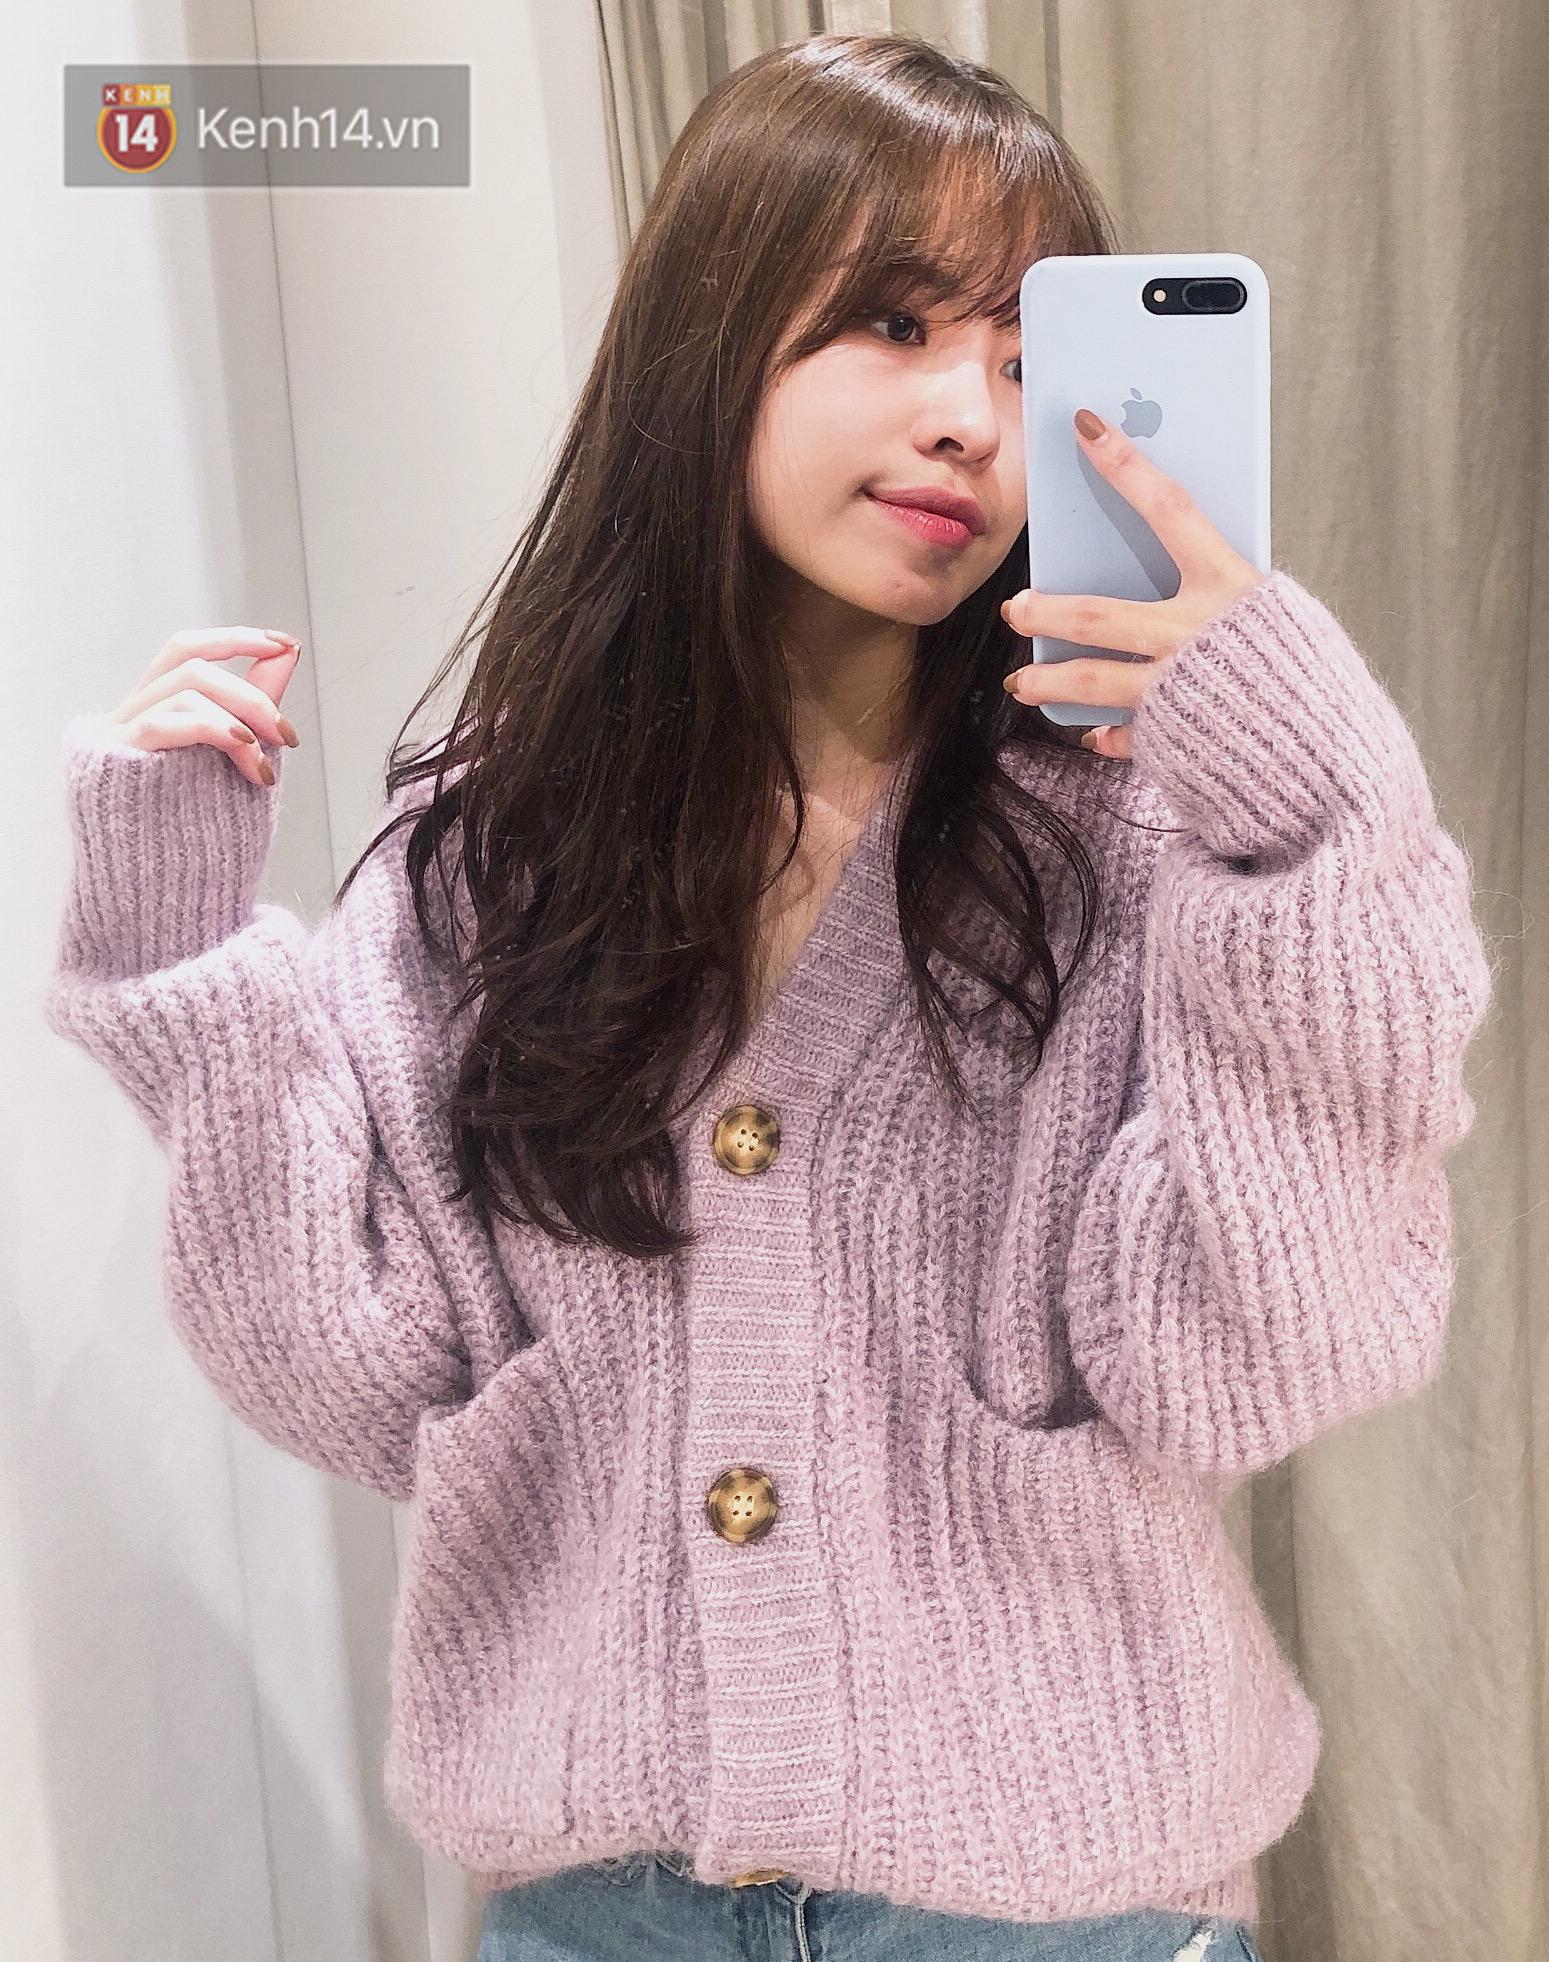 Clip: Lượn nhanh vào Zara - H&M, mình đã tia được 7 em áo ấm siêu xinh giá chỉ từ 499K - Ảnh 5.